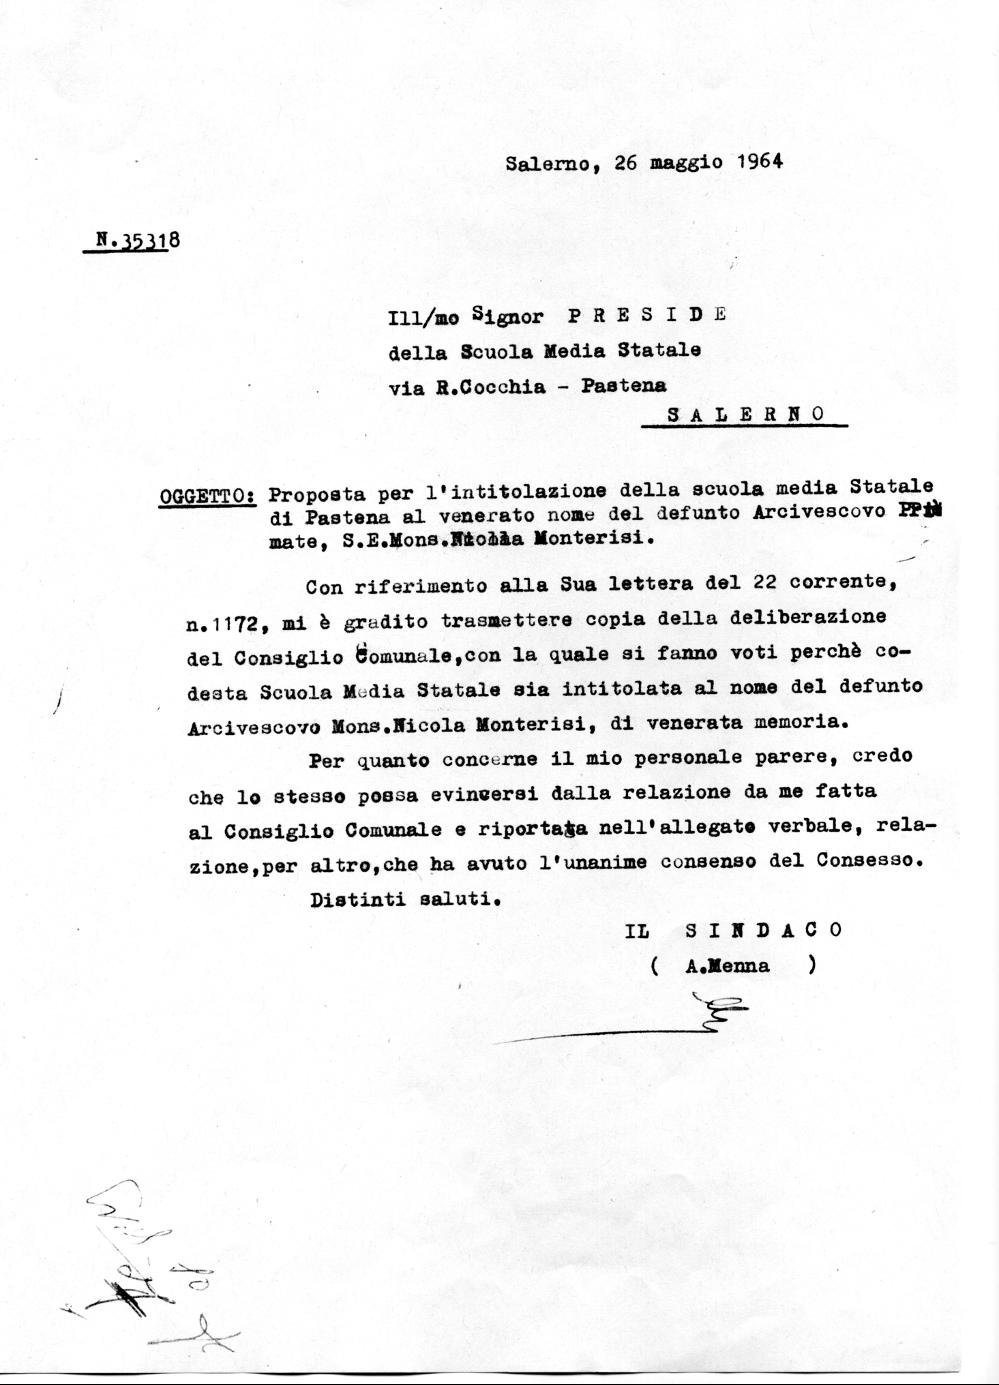 Trasmissione del verbale del Consiglio Comunale al Preside della scuola da parte del Sindaco di Salerno. (Archivio storico Comune di Salerno).